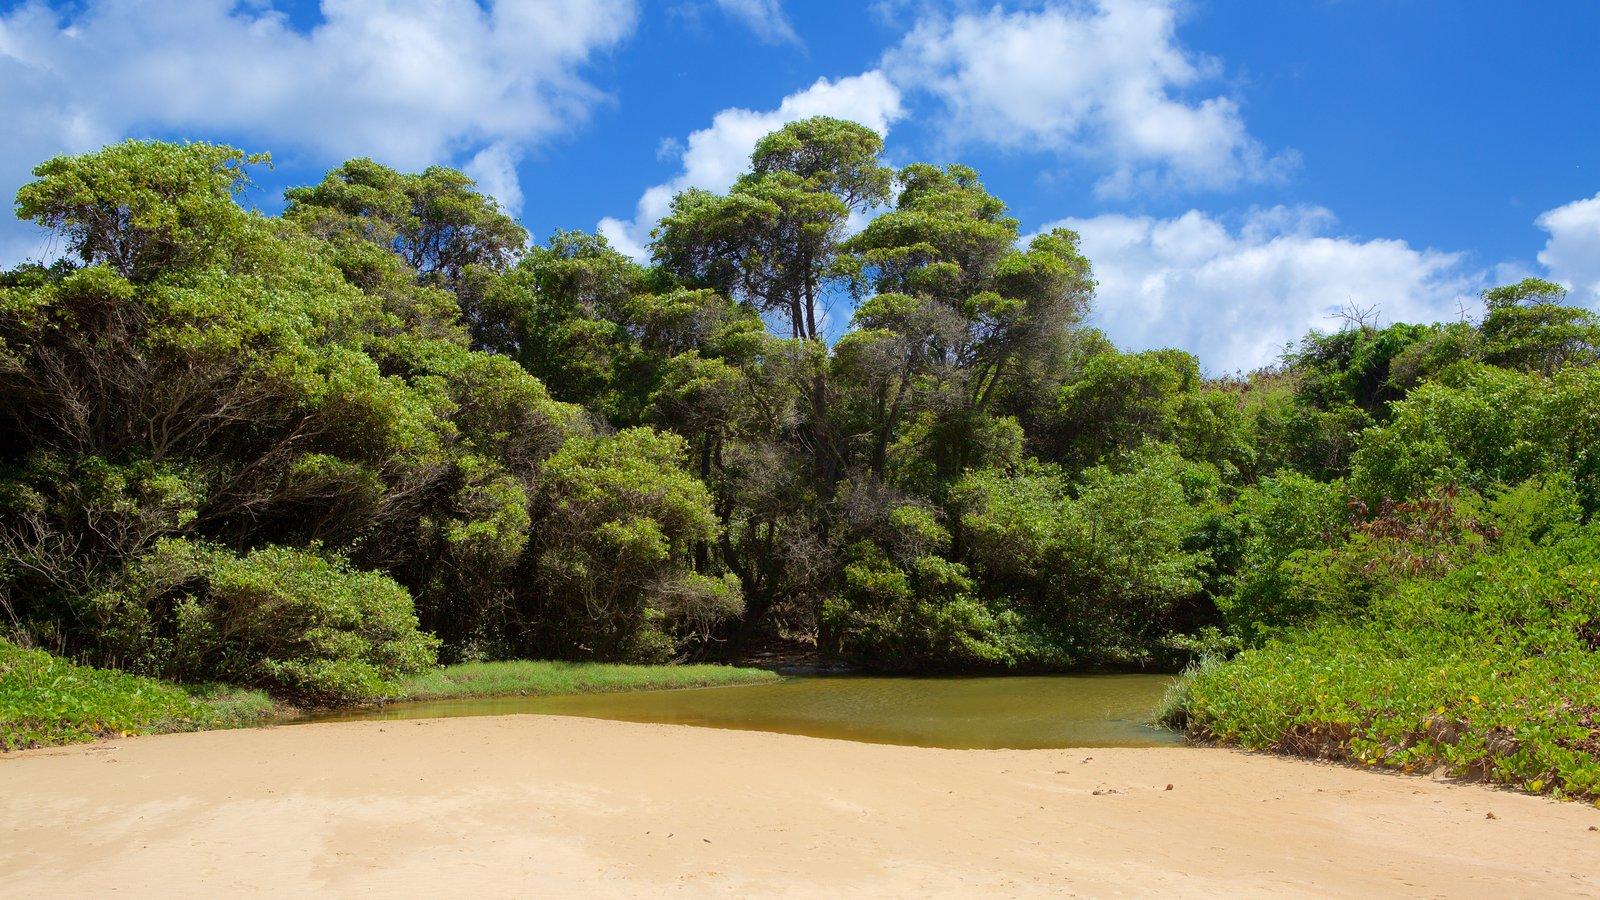 Praia do Sueste mostrando um lago ou charco, floresta tropical e uma praia de areia